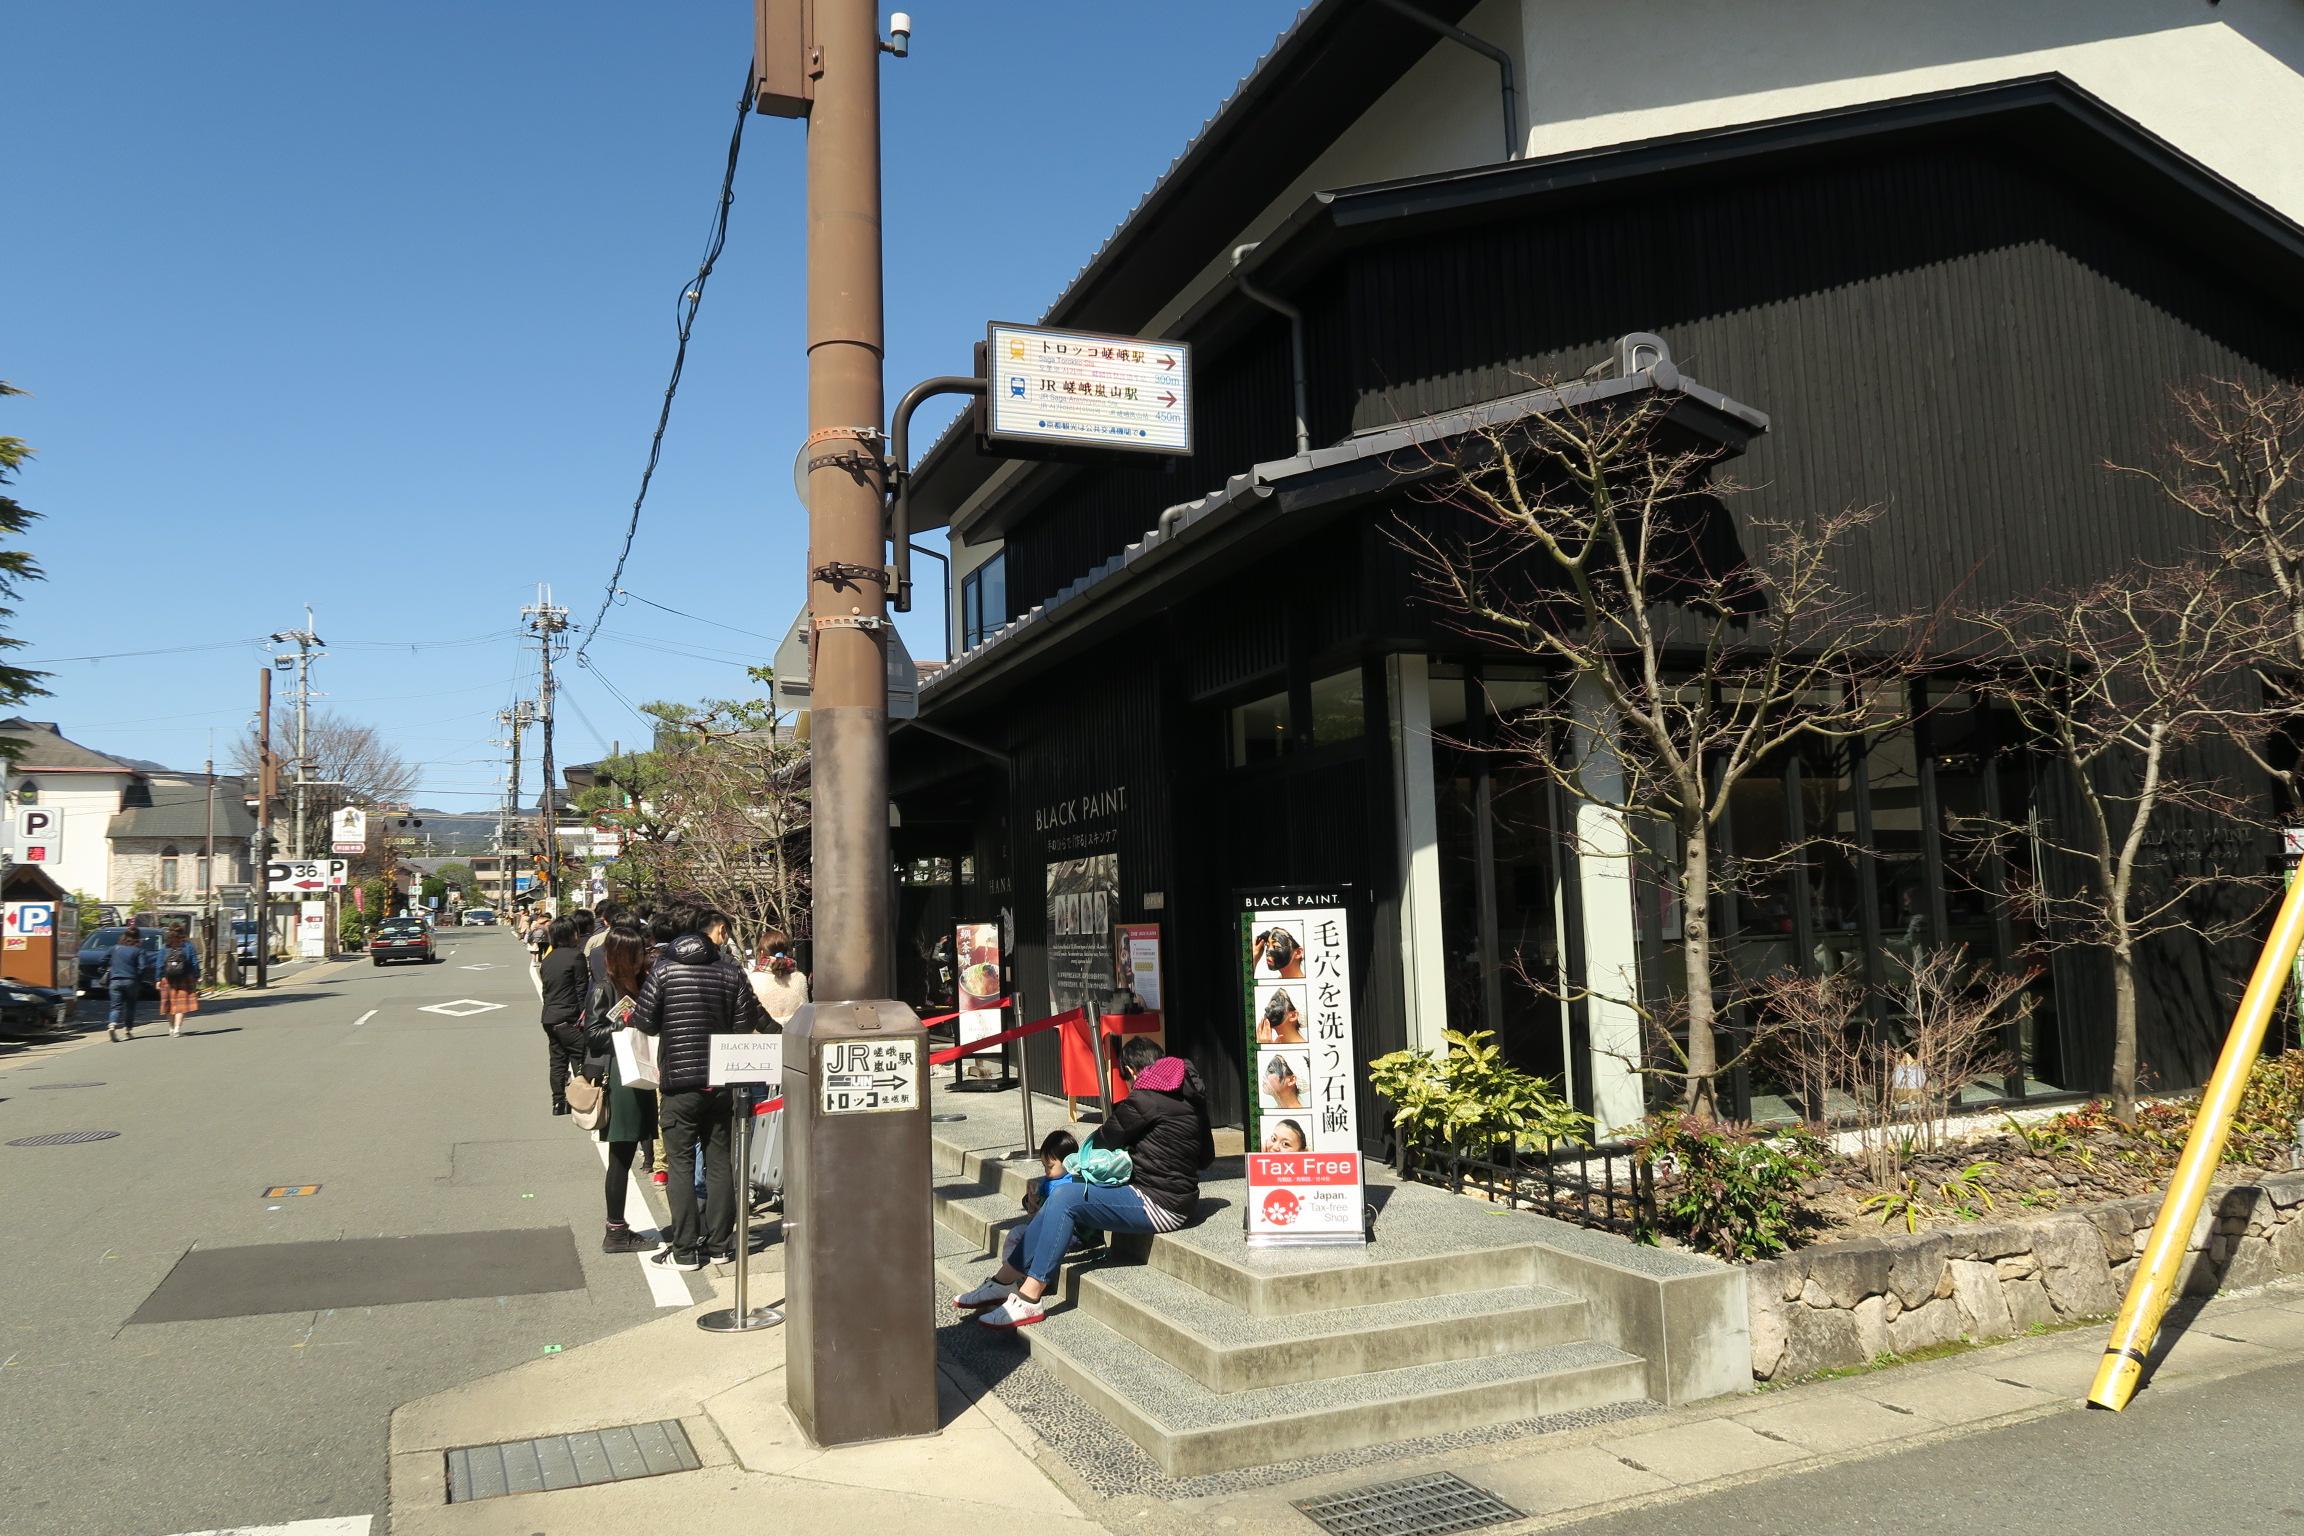 電柱の案内看板「トロッコ電車」「JR嵯峨嵐山駅」に向かいます。